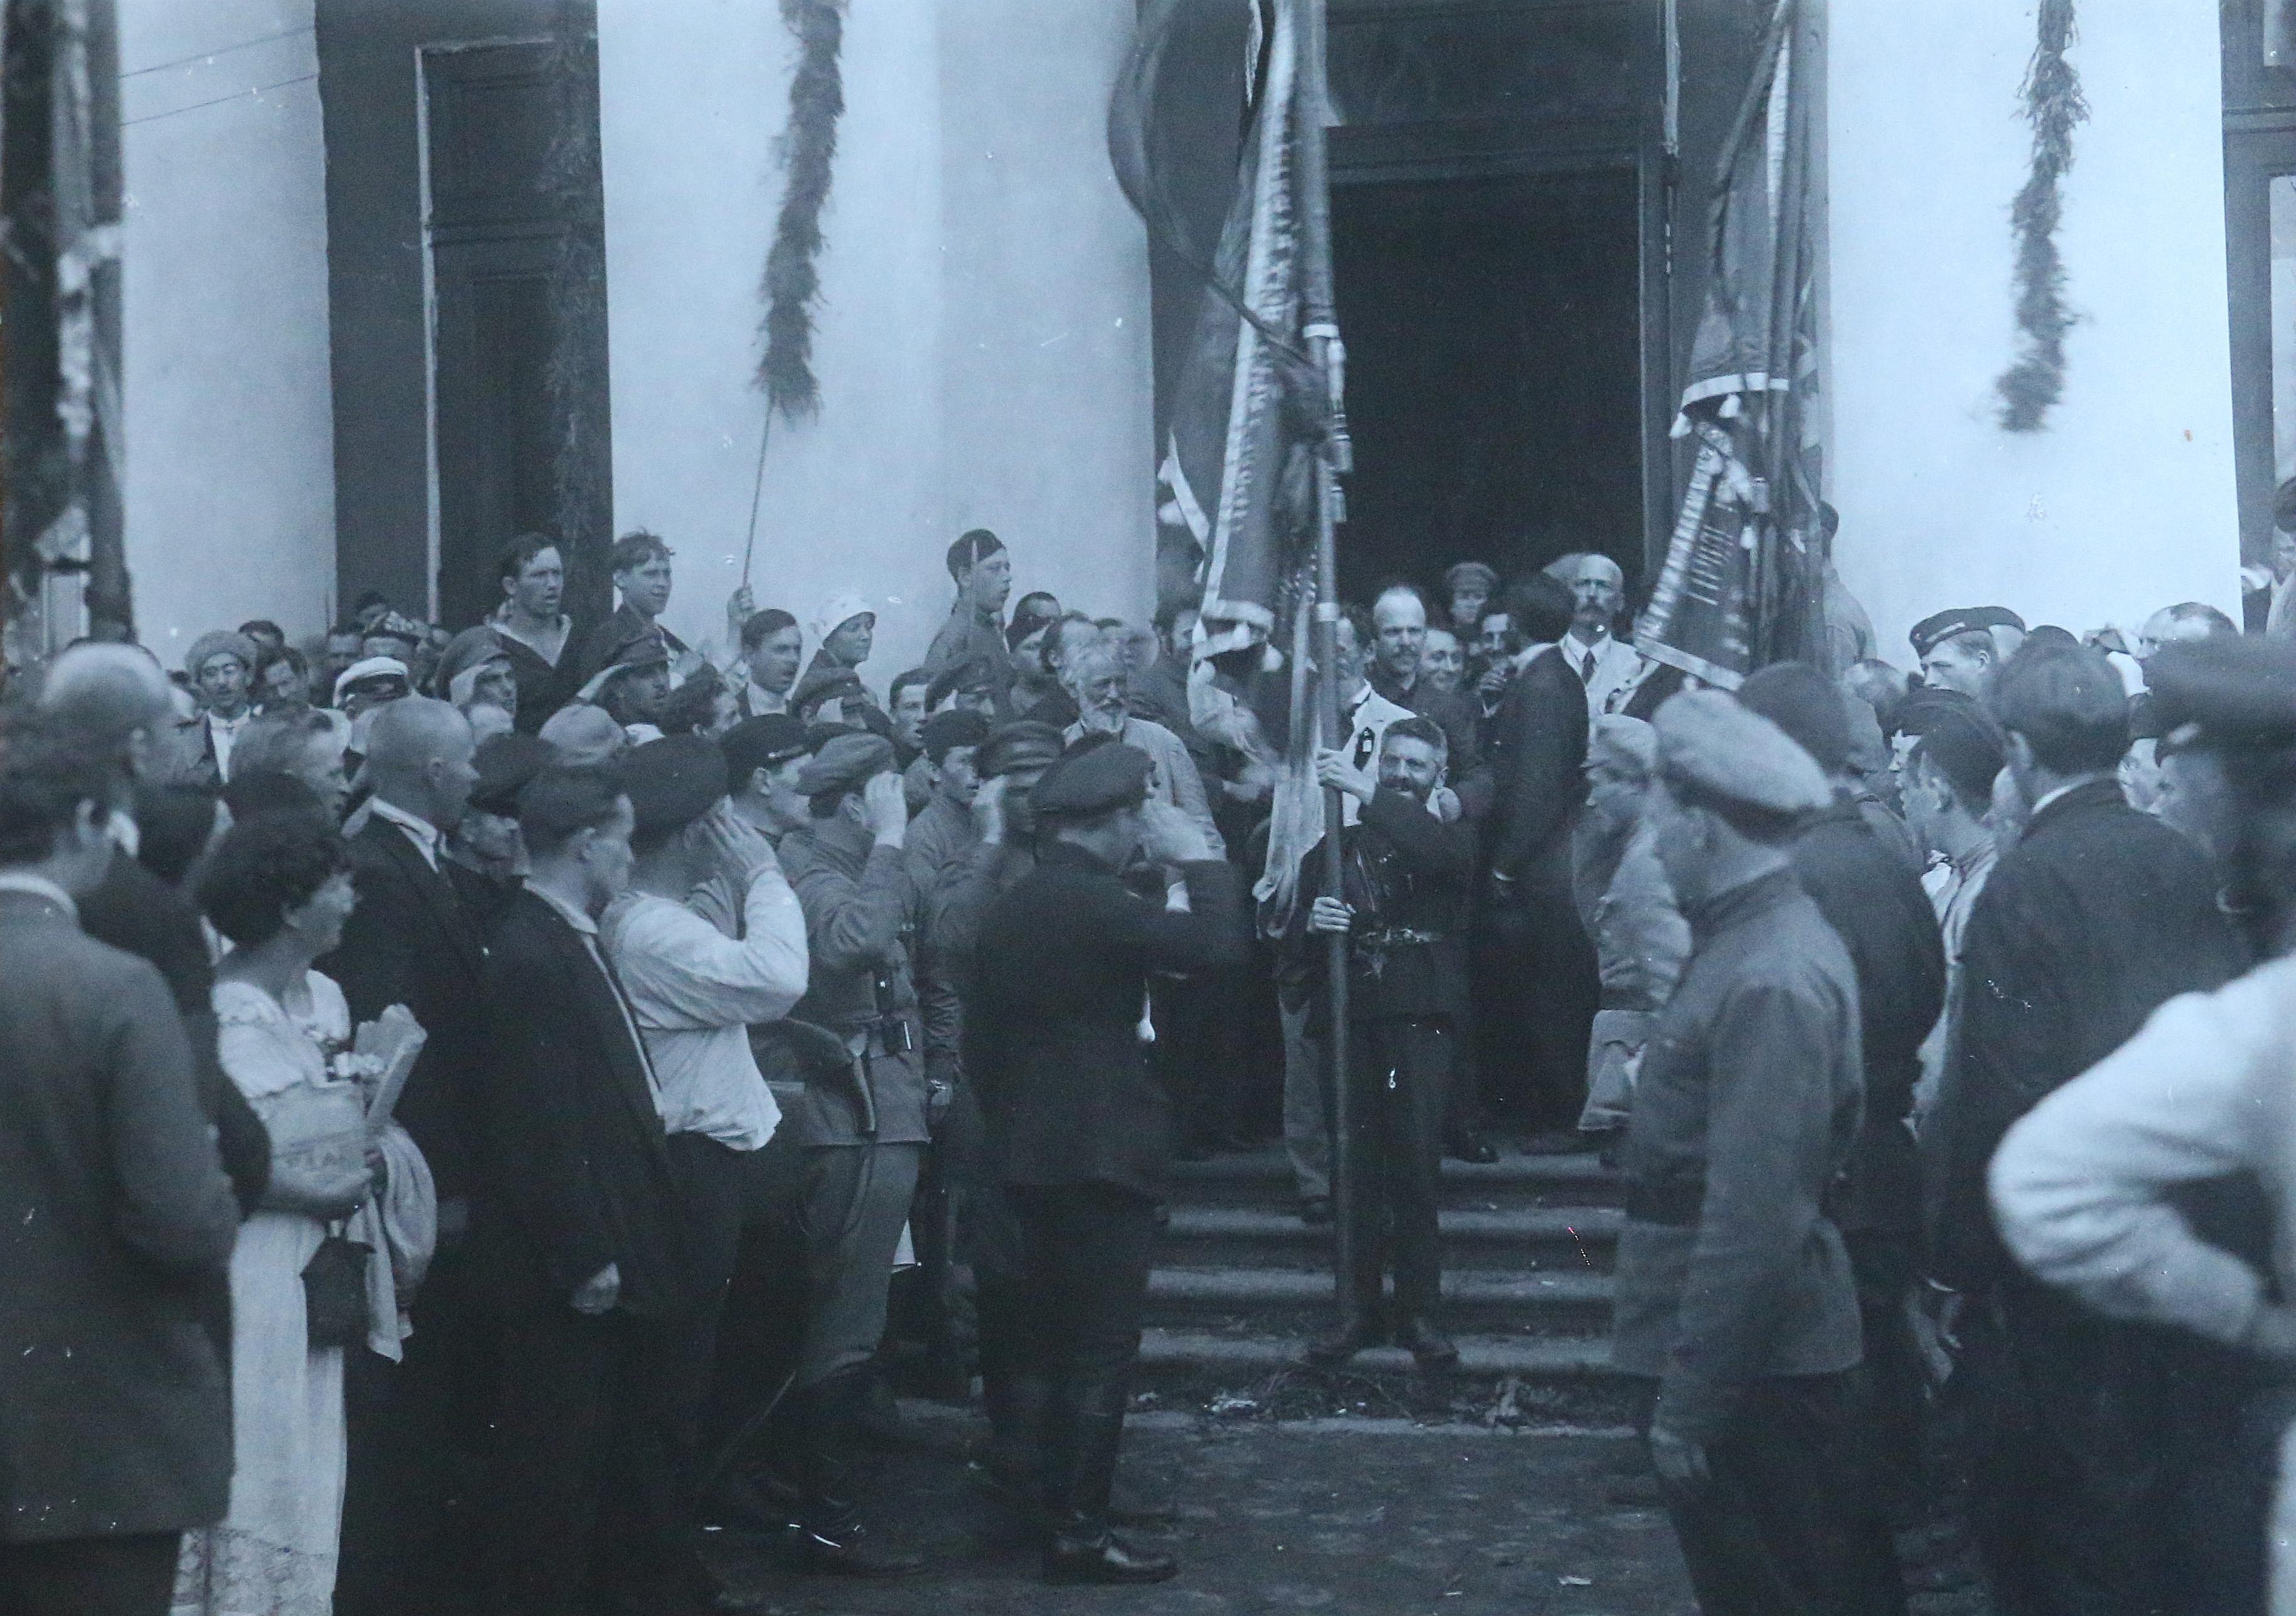 Выход из дворца Урицкого (Таврический дворец). 17 июля